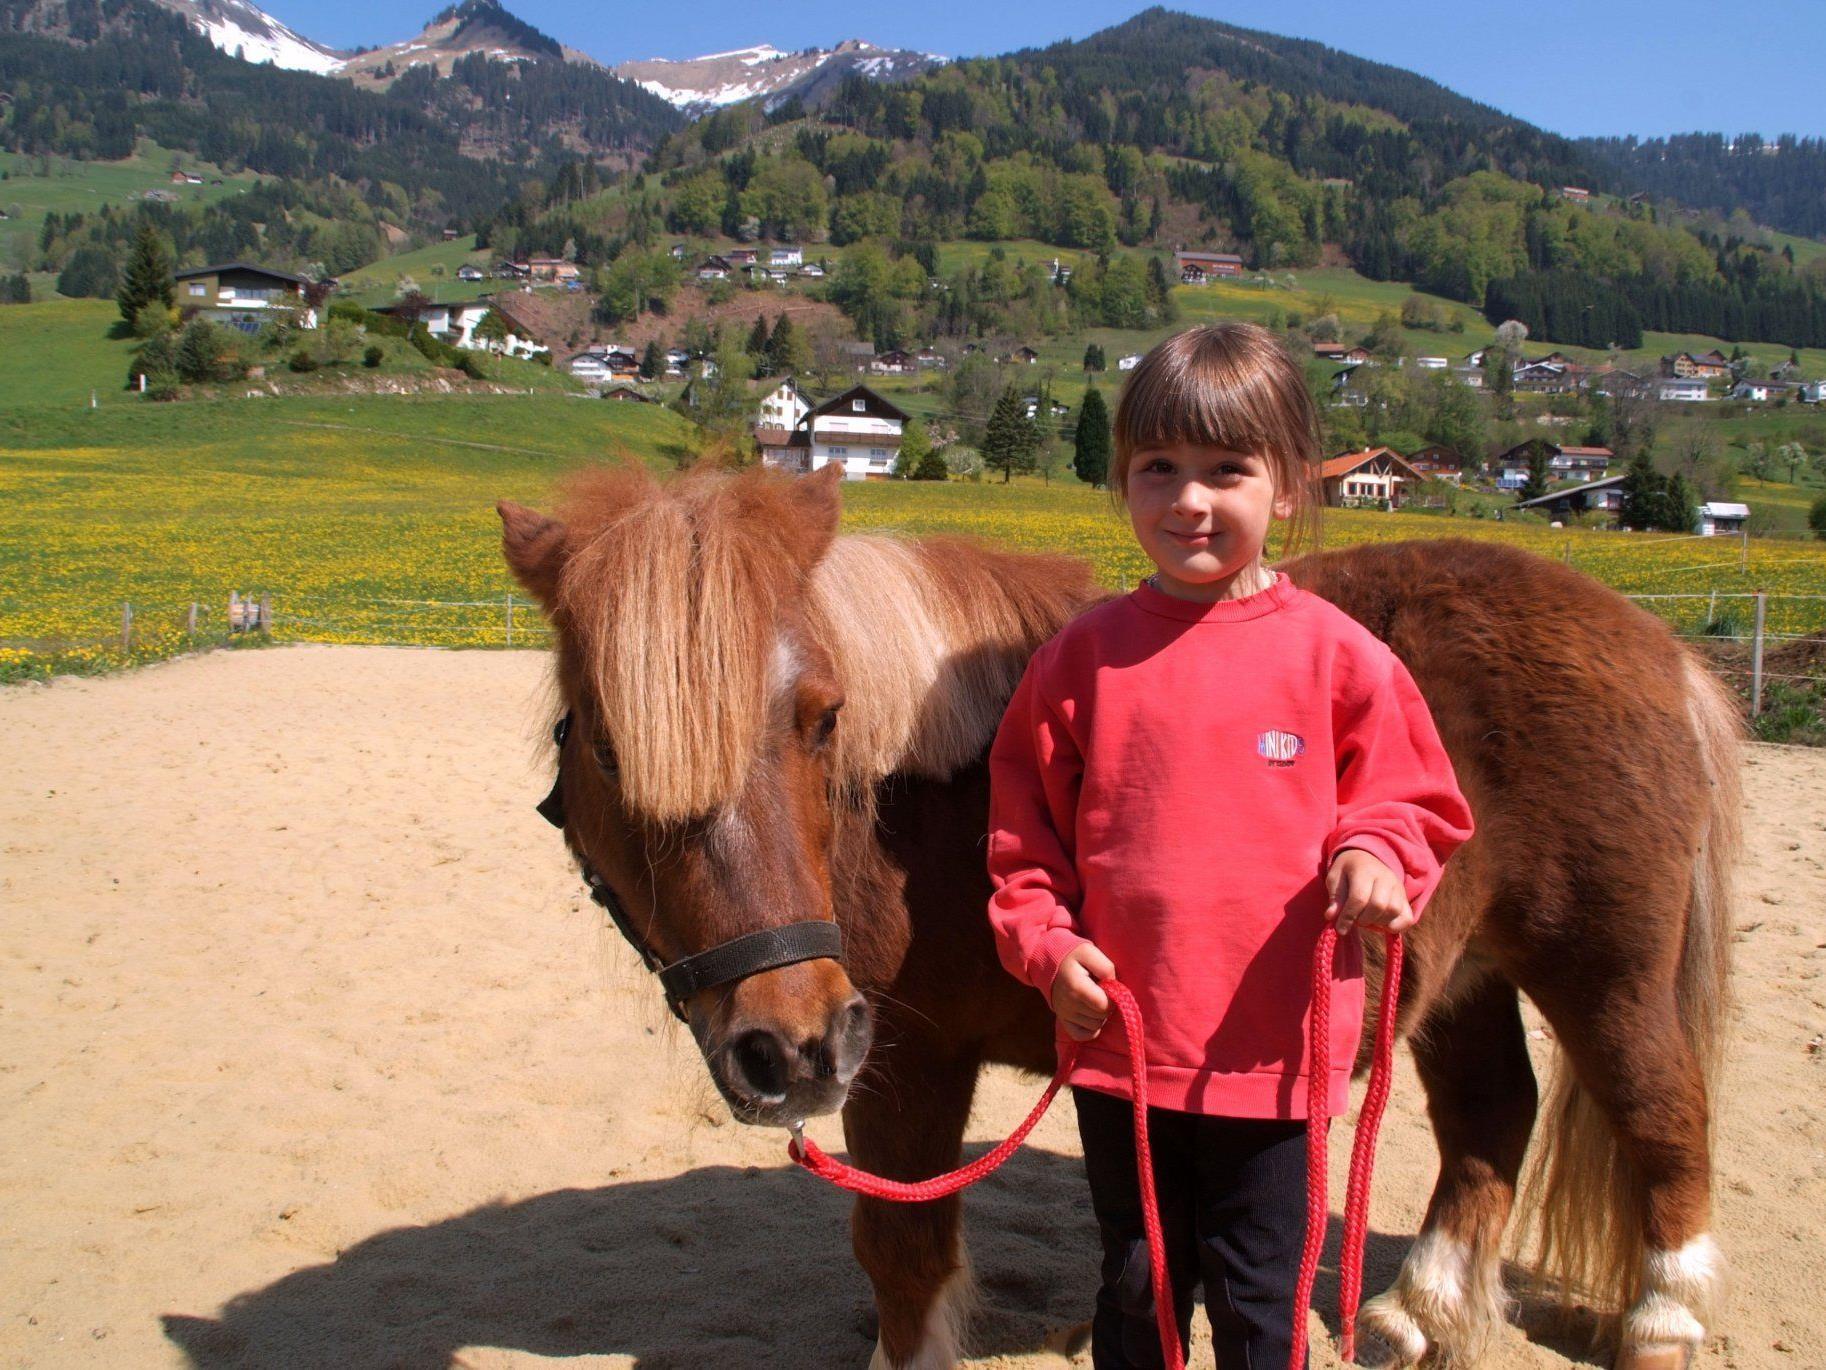 Spaß mit Pferden gibt es am Sonntag am Löwenhof beim Sportplatz in Thüringerberg.